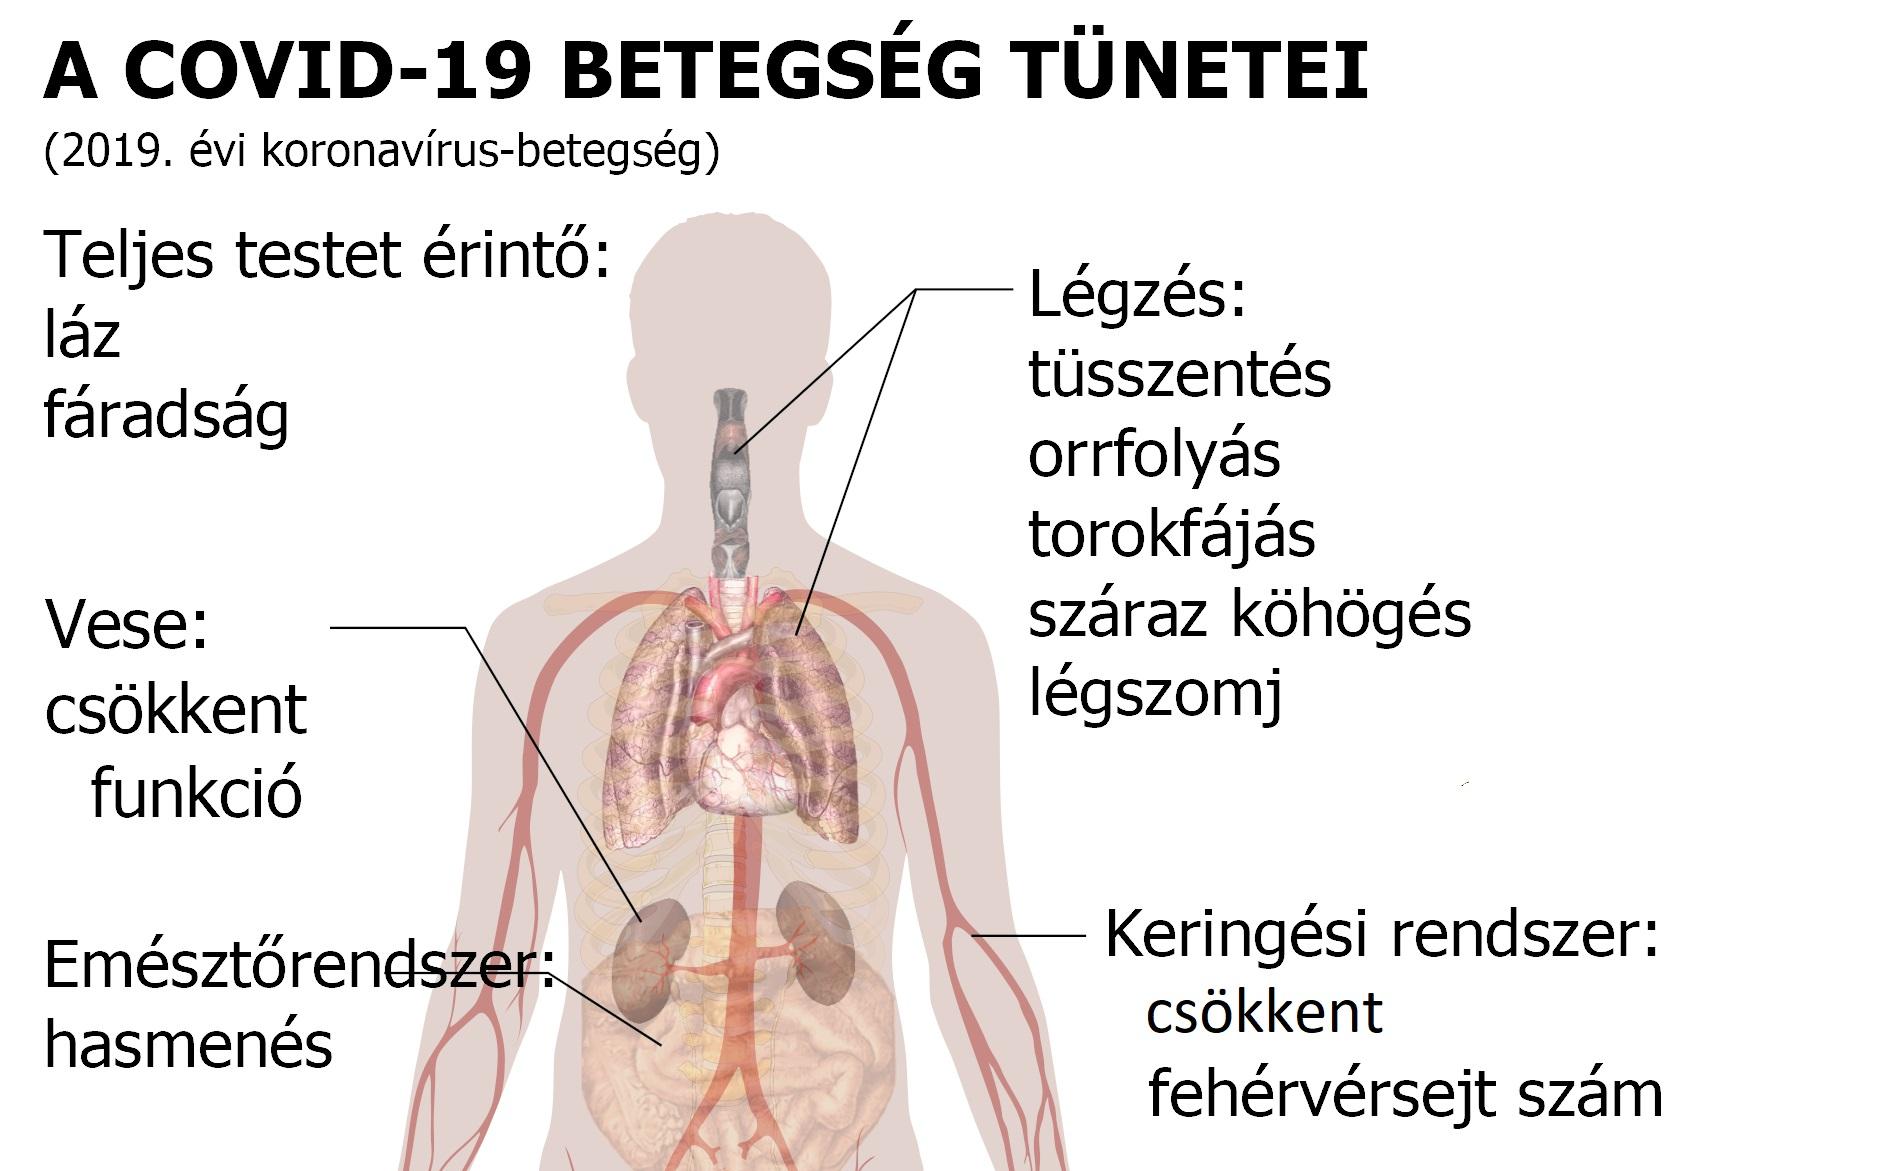 női szervek enterobiosis kezelése